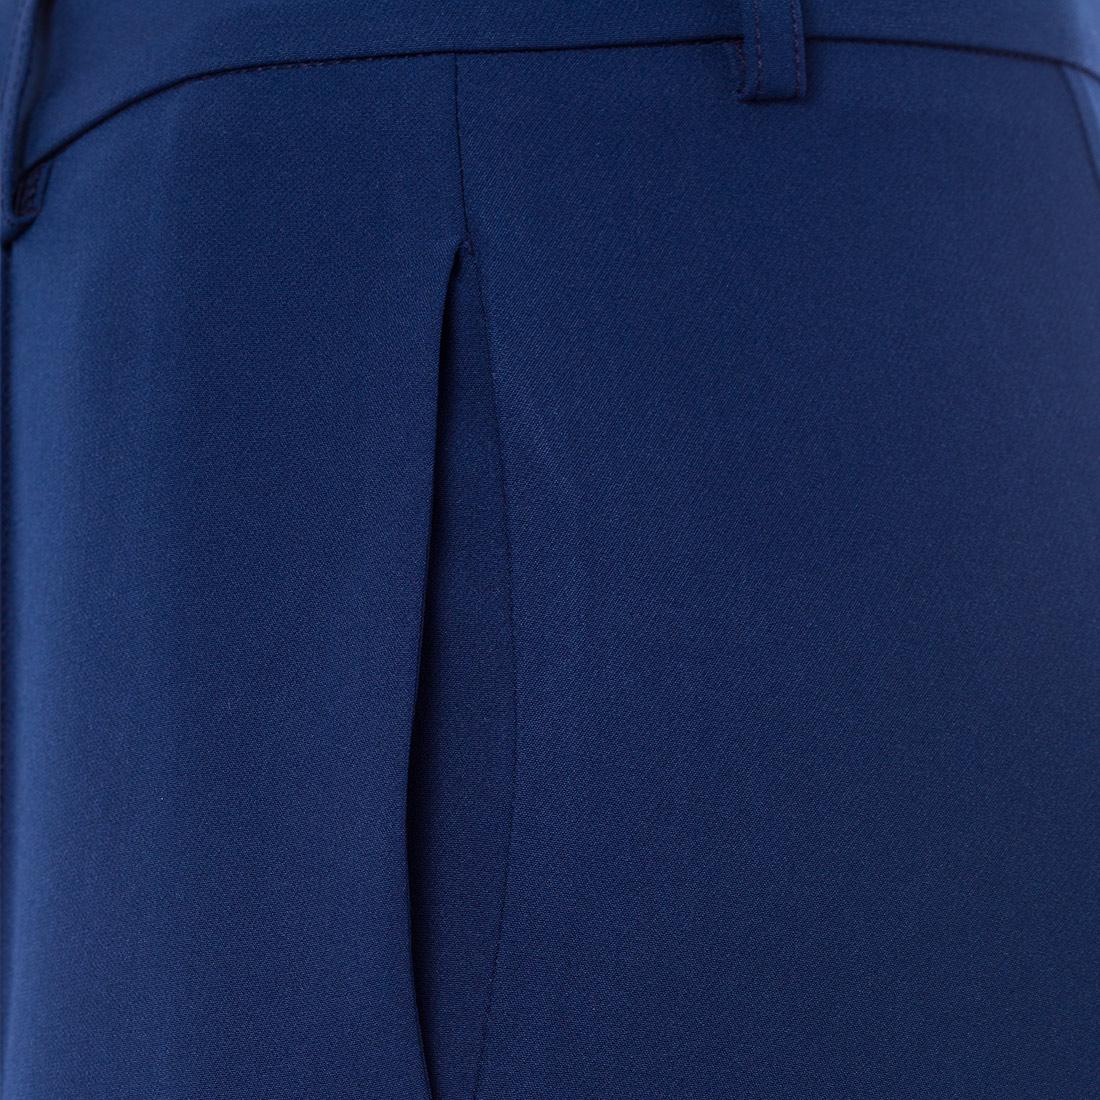 Damen Hose mit Bi-Stretchqualität